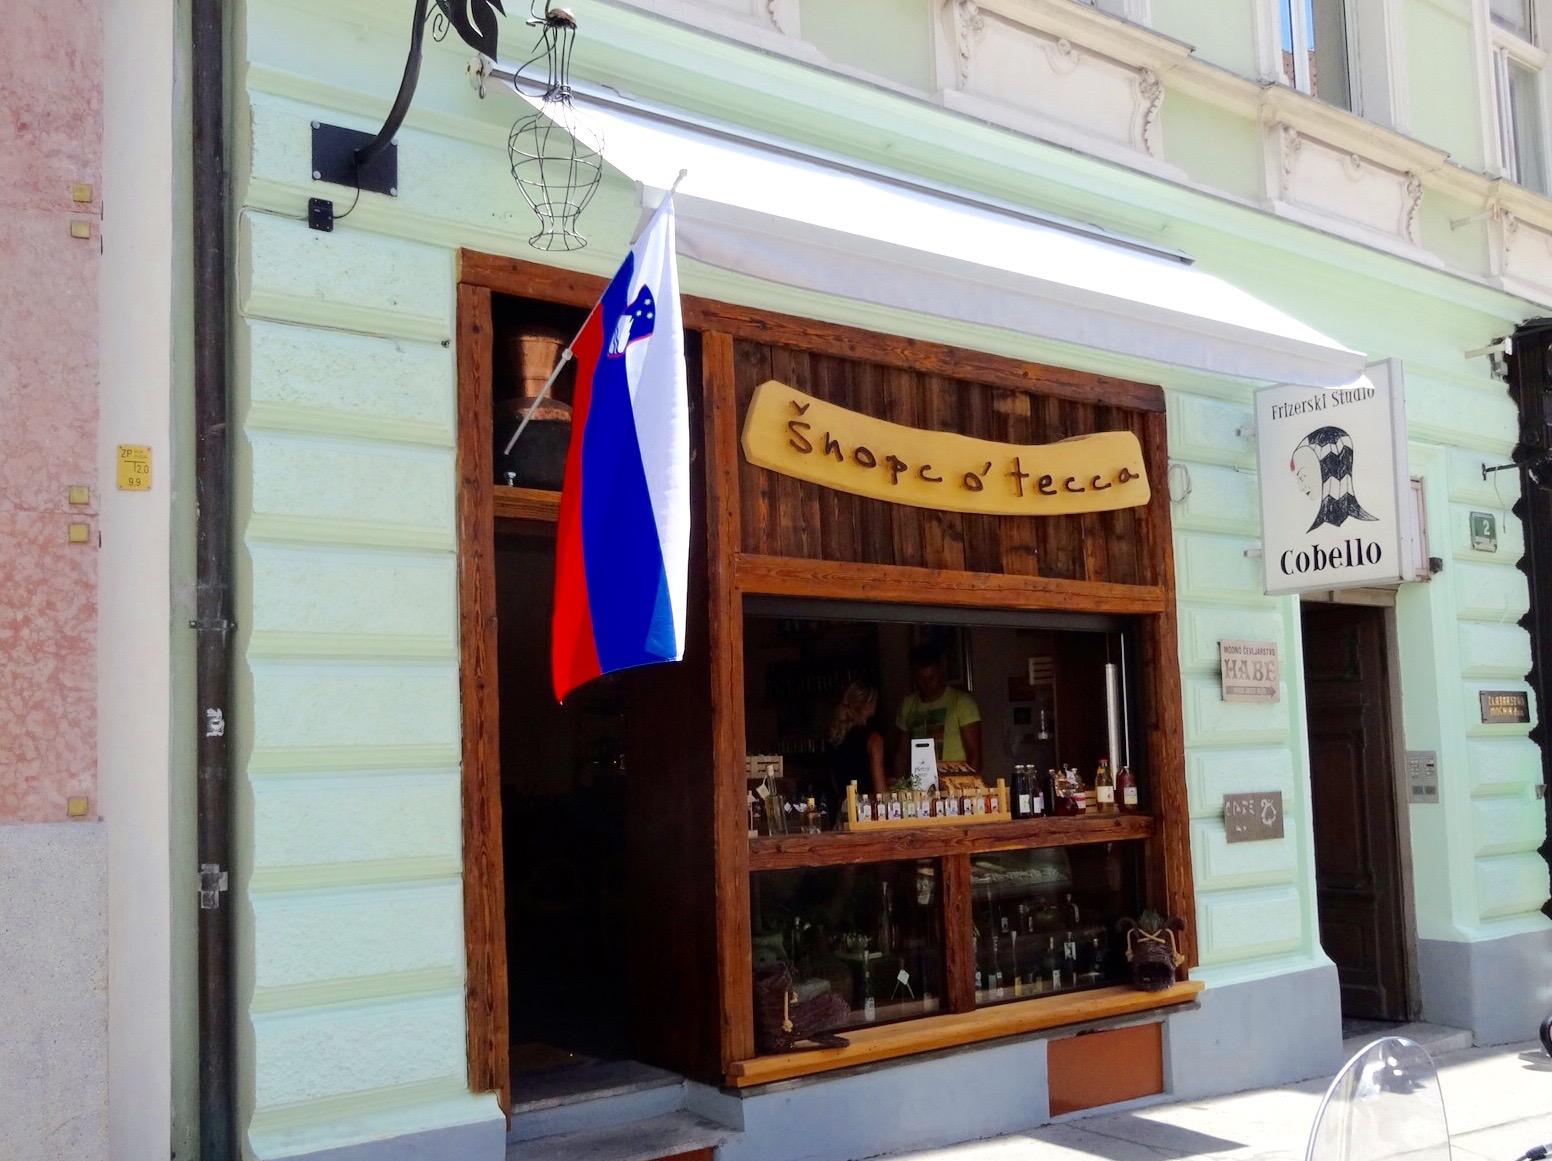 Šnopc o' tecca -- a specialty schnapps shop in Ljubljana